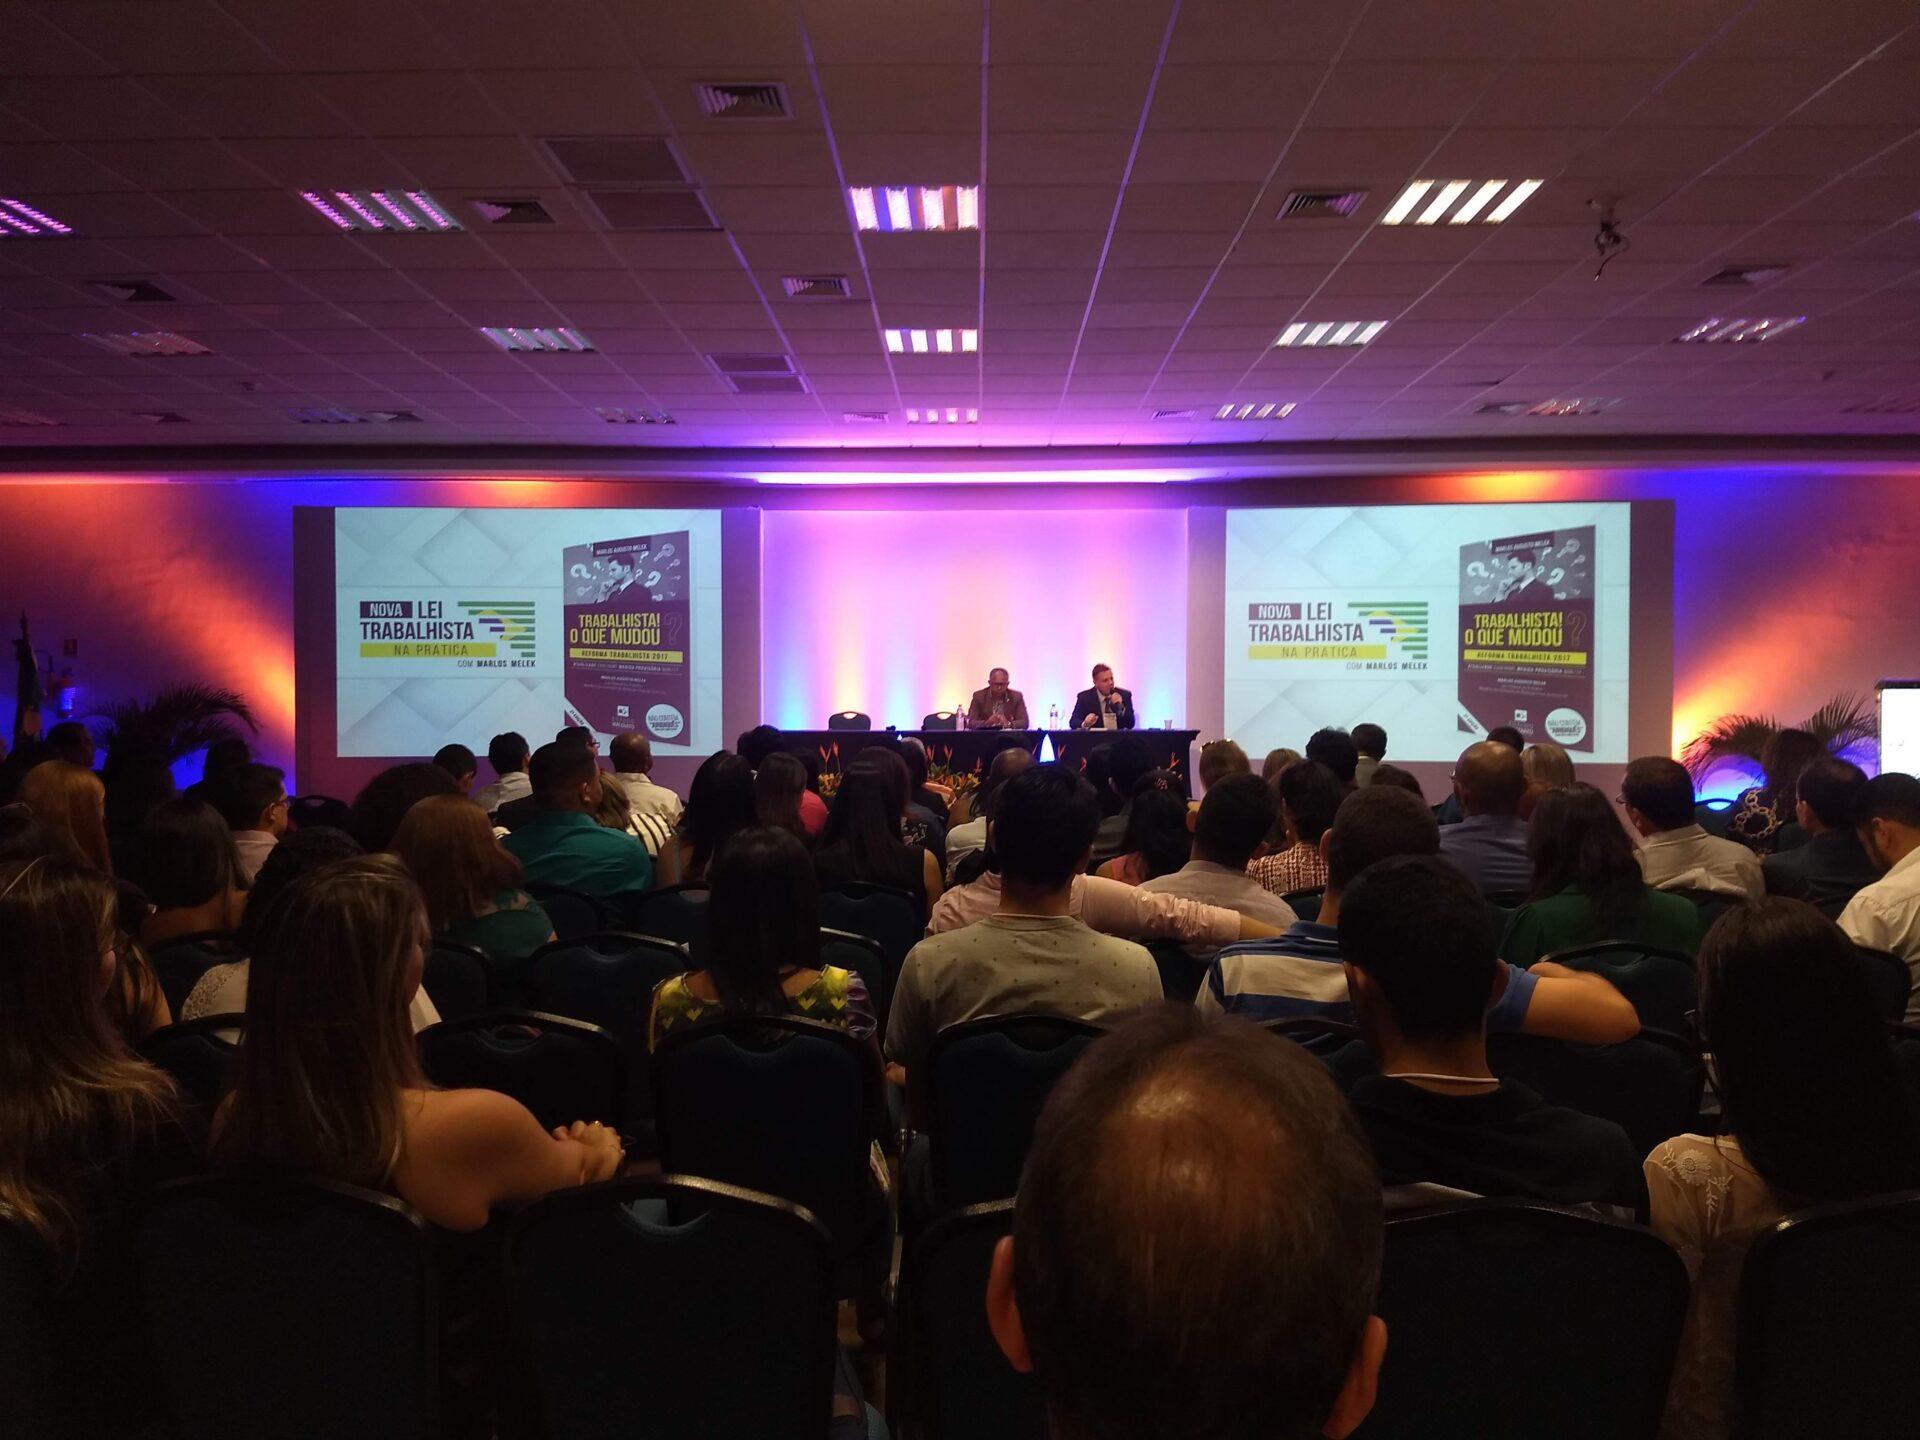 Palestras, debates, painéis, apresentações de artigos e IV Encontro Estadual da Mulher Contabilista marcam segundo dia da IV Convenção Alagoana de Contabilidade